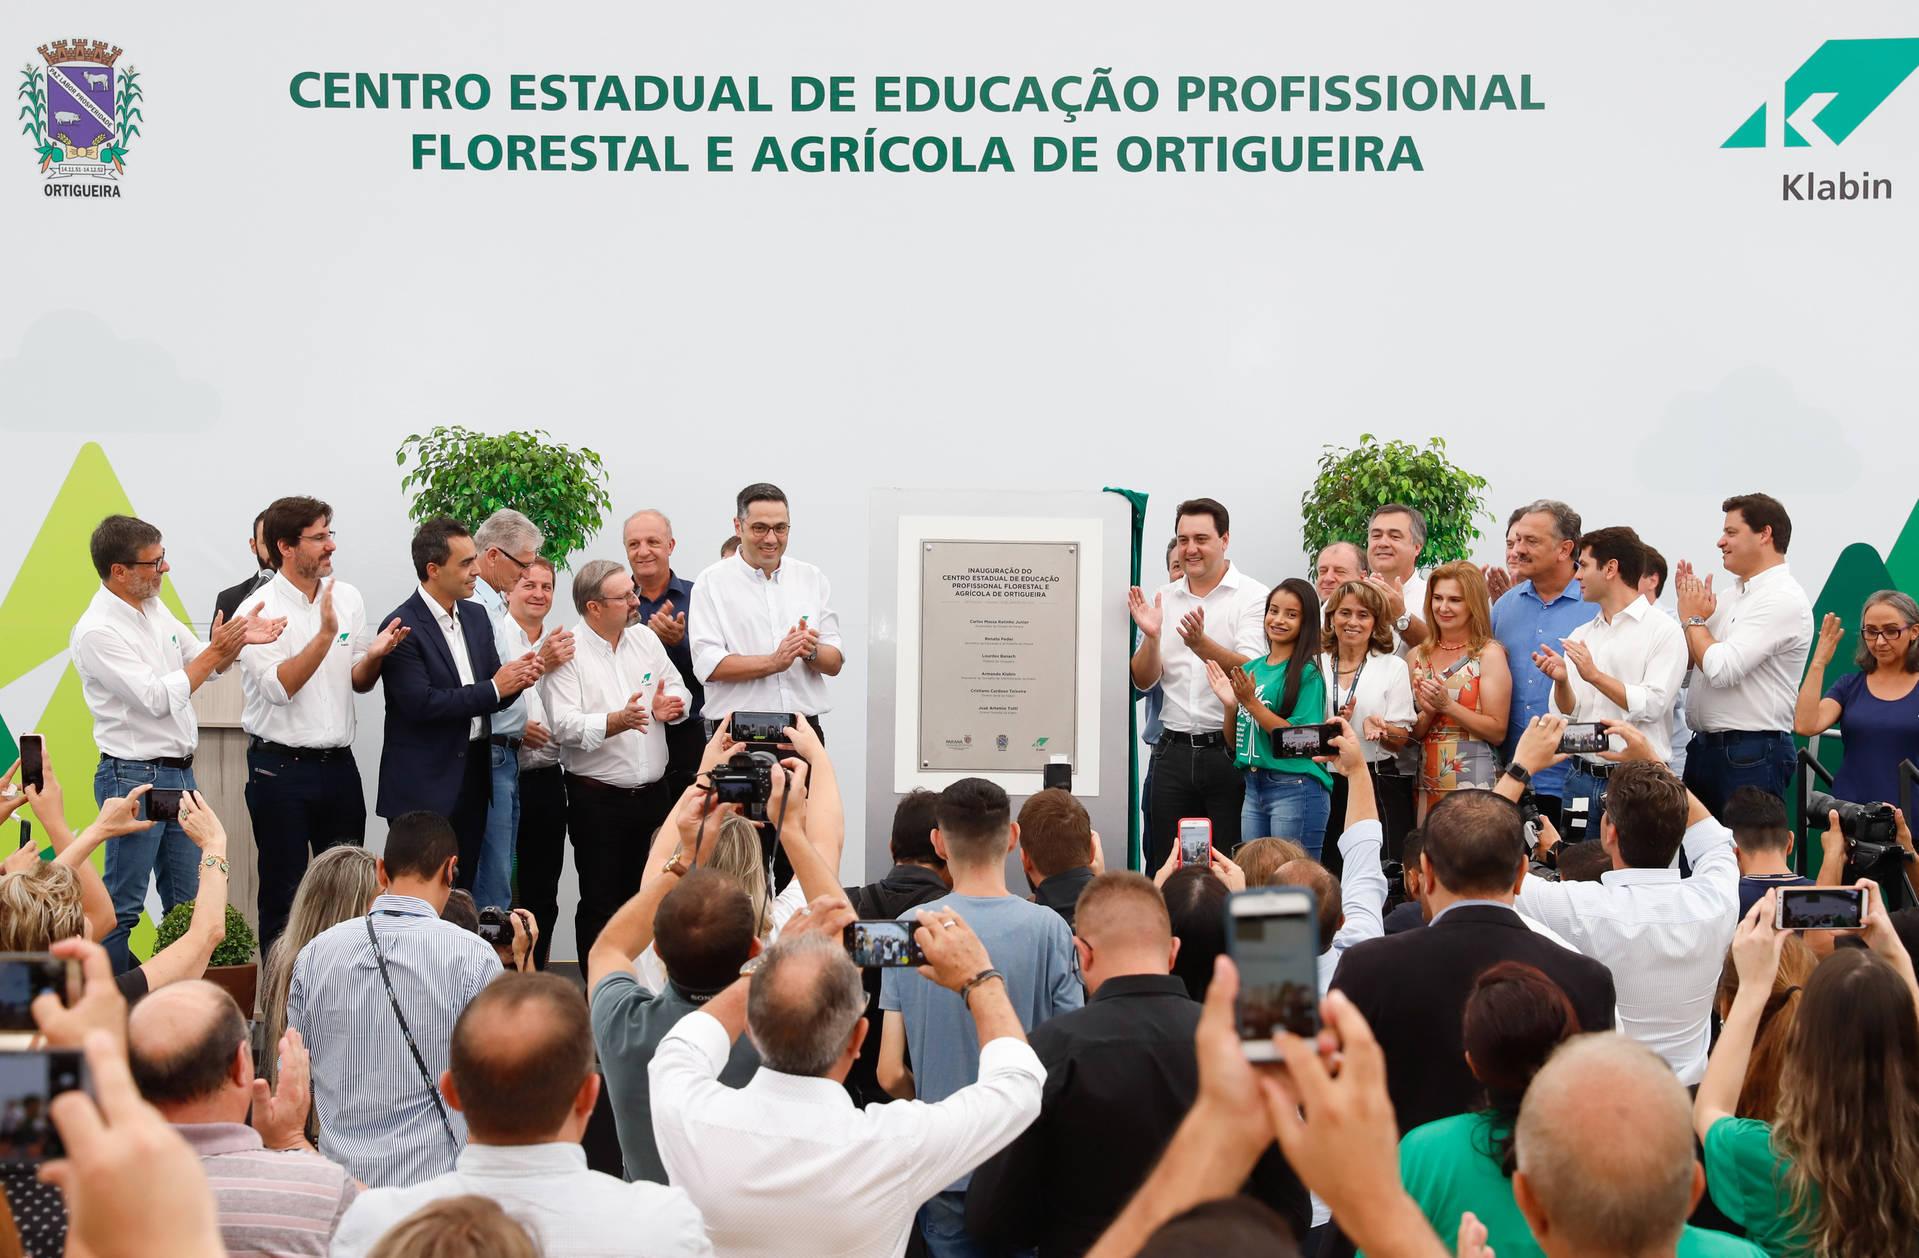 Inaugurado pelo governador Ratinho Junior, novo centro de educação profissional fica em Ortigueira e é fruto de uma parceria entre o Governo do Estado, a Klabin e a prefeitura